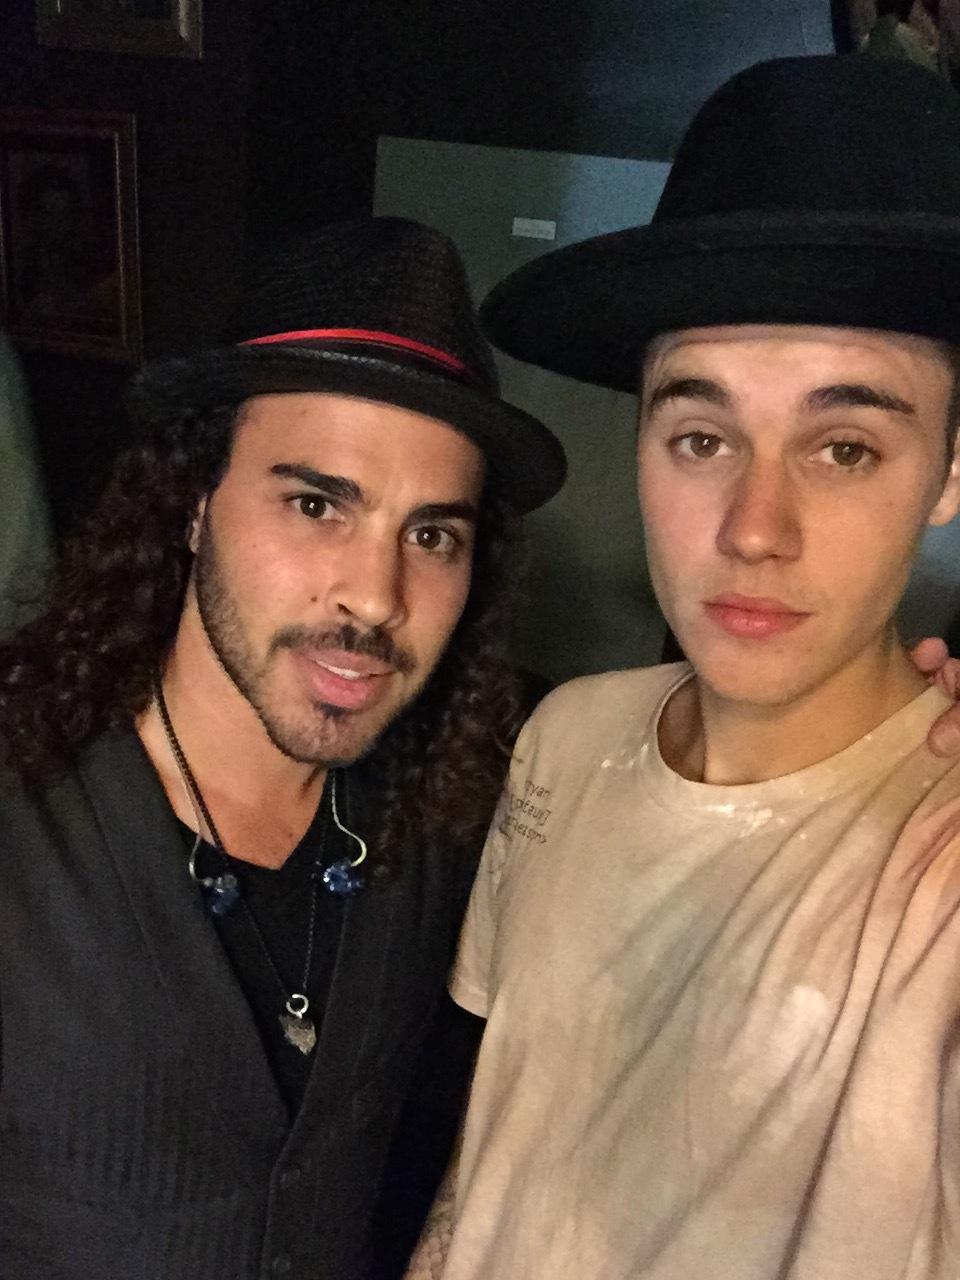 Patrick Sieben & Justin Bieber